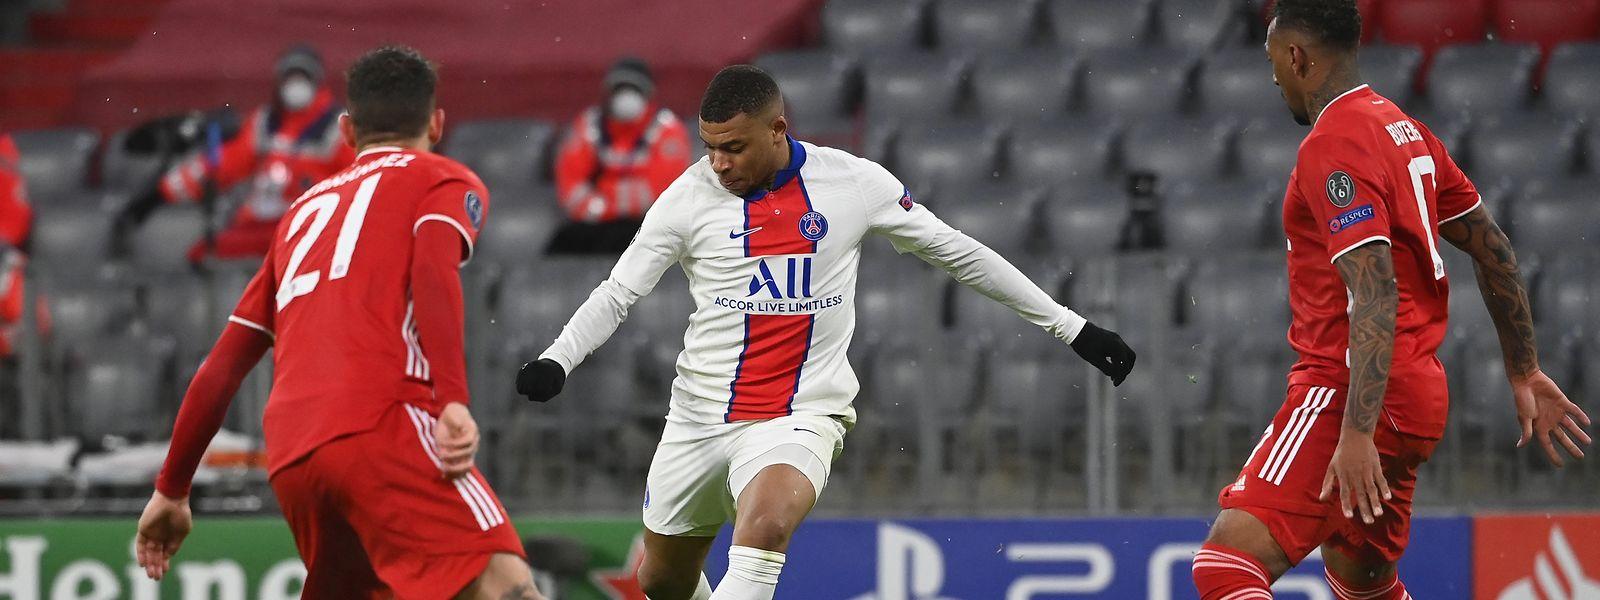 Kylian Mbappé trifft zum 3:2 für Paris, die Münchner Lucas Hernandez (l.) und Jérôme Boateng schauen zu.